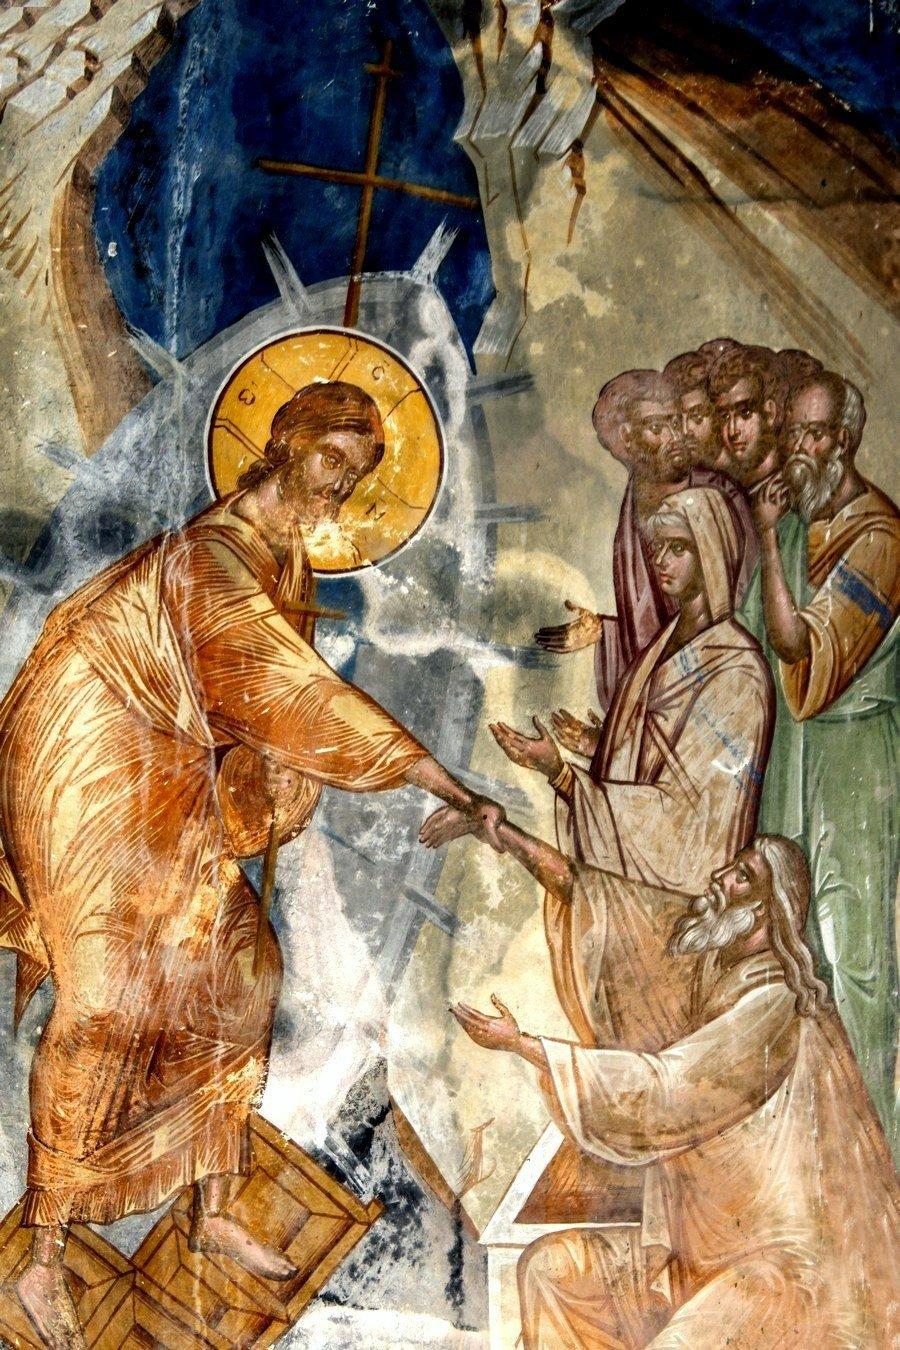 Сошествие во ад. Фреска церкви Святого Георгия в монастыре Гелати, Грузия. 1561 - 1578 годы. Фрагмент.